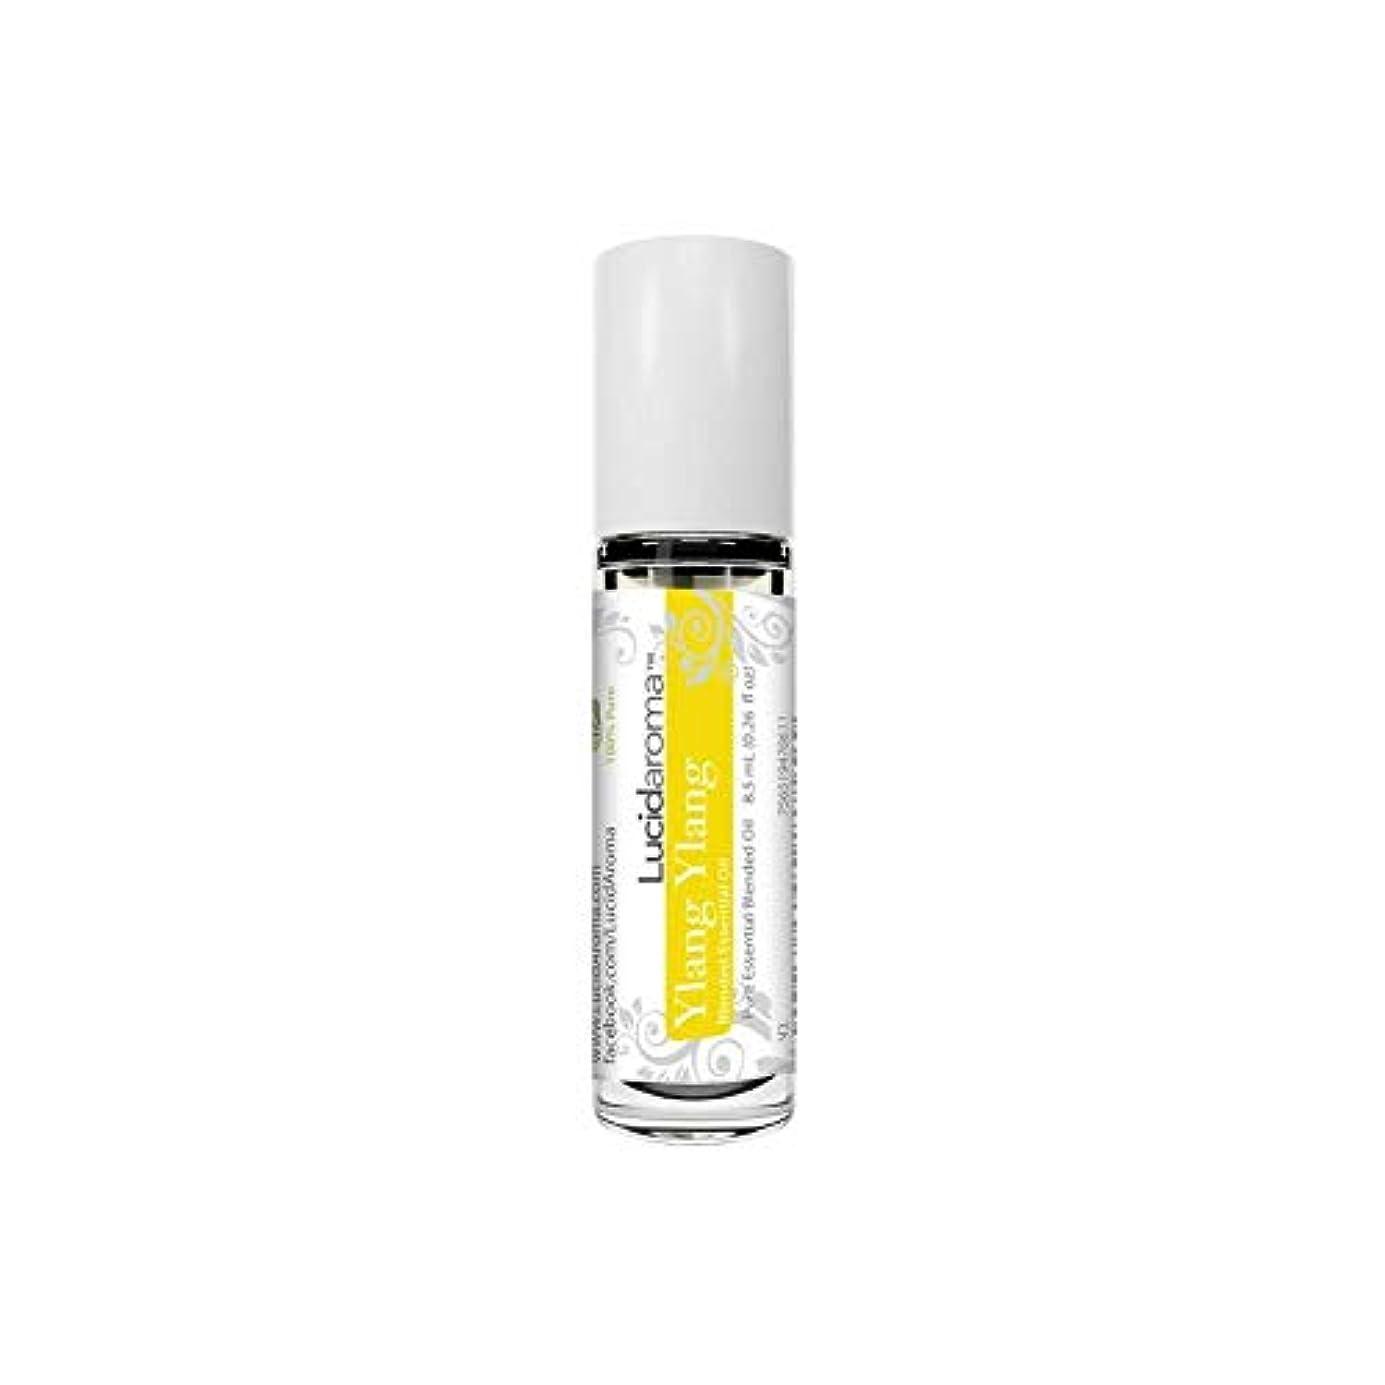 メロディアス消毒剤突っ込むLucid Aroma Ylang Ylang イランイラン ロールオン アロマオイル 8.5mL (塗るアロマ) 100%天然 携帯便利 ラックス アメリカ製